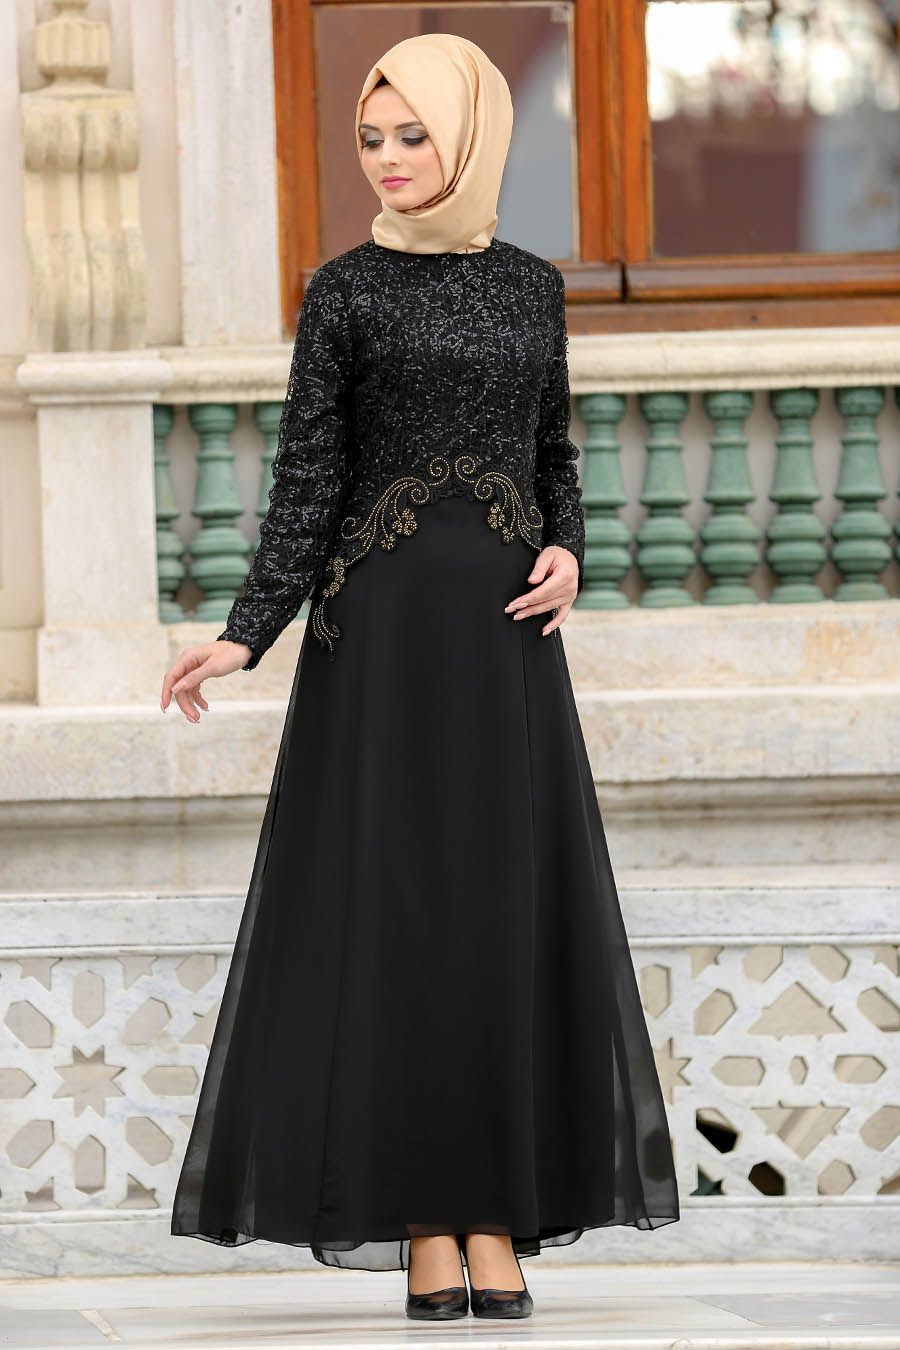 2019 Yeni Sezon Tesettur Giyim Elbise Sal Abiye De Ucuz Fiyat Elbiseler Elbise Elbise Modelleri